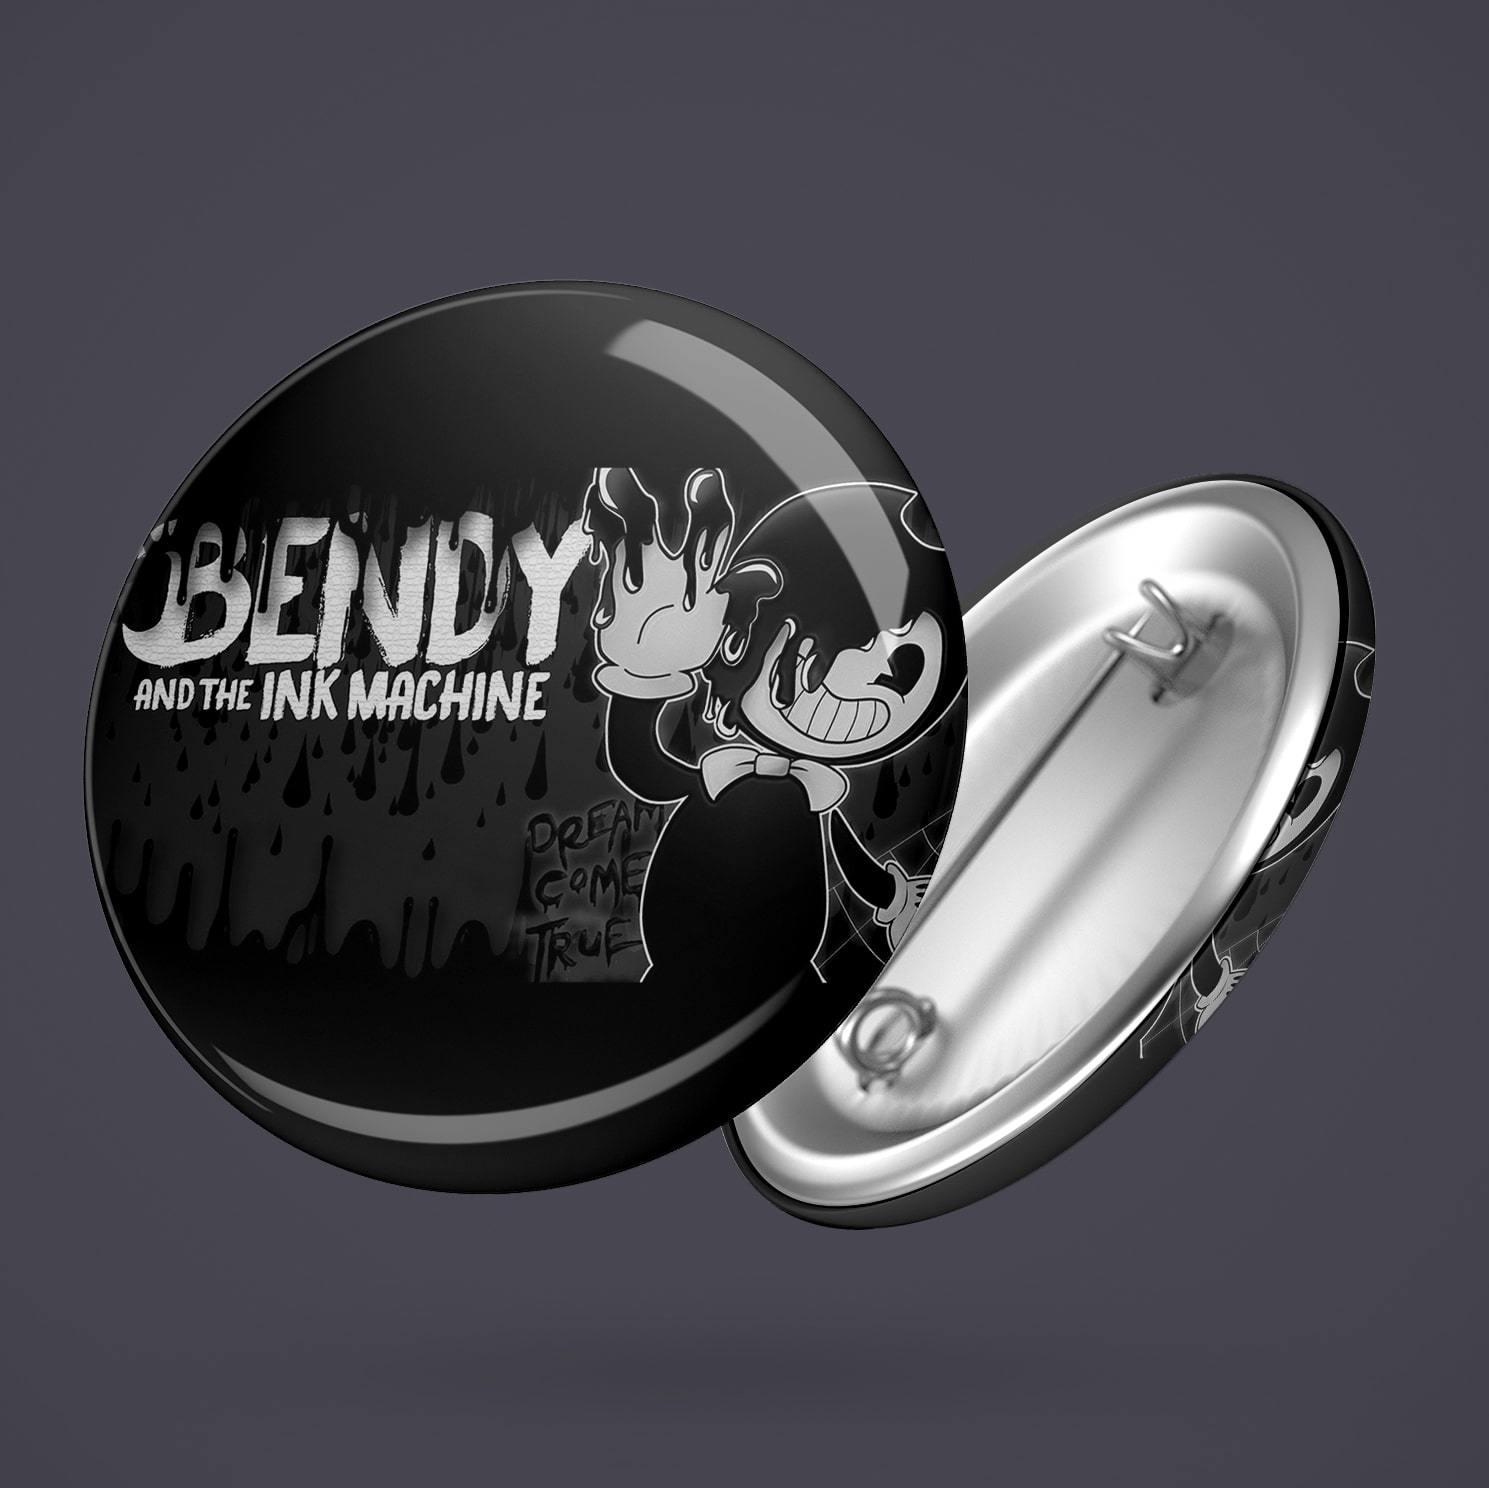 Значок с Бенди №10 - купить в интернет-магазине kinoshop24.ru с быстрой доставкой